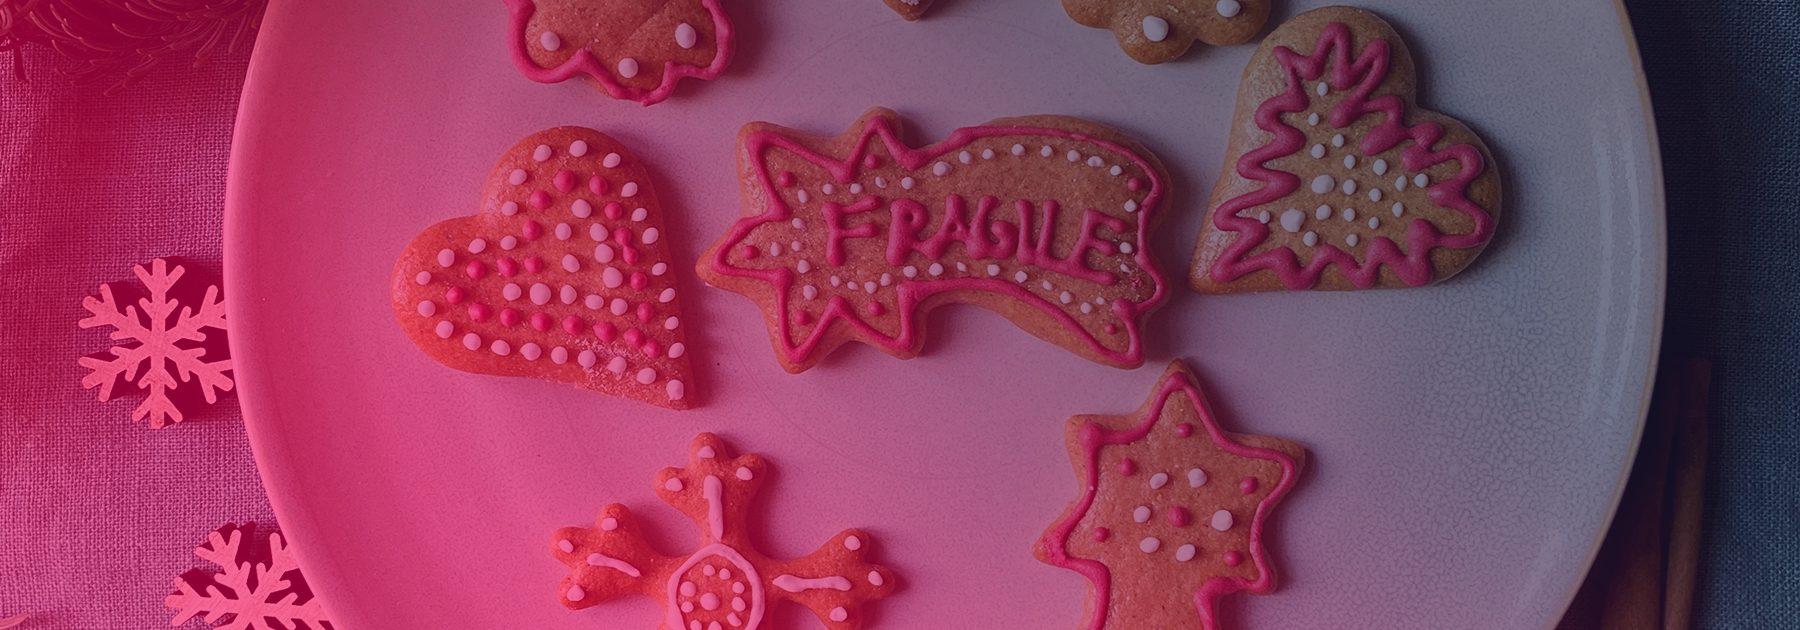 Fragile Vánoce